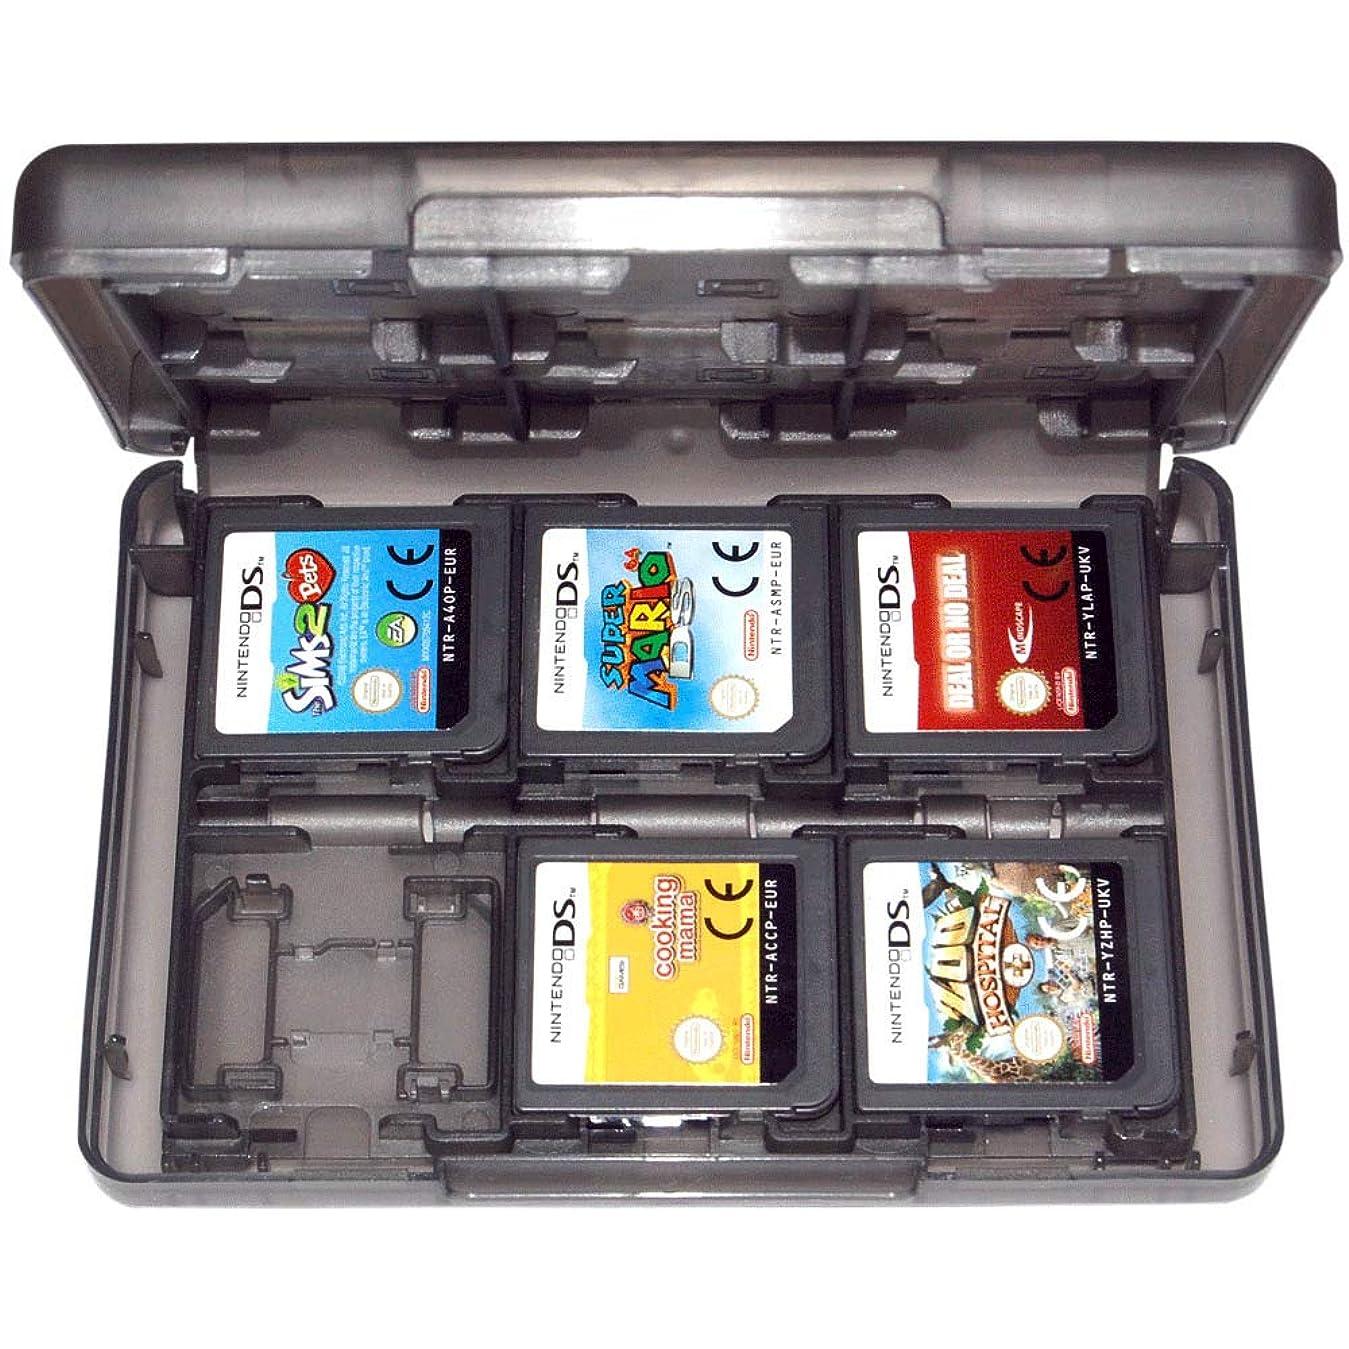 匹敵しますナプキン放棄されたRETYLY ゲームホルダーケース 3Ds 2Ds Ds Cartridge 24in1 Travel Black Zedlabz用